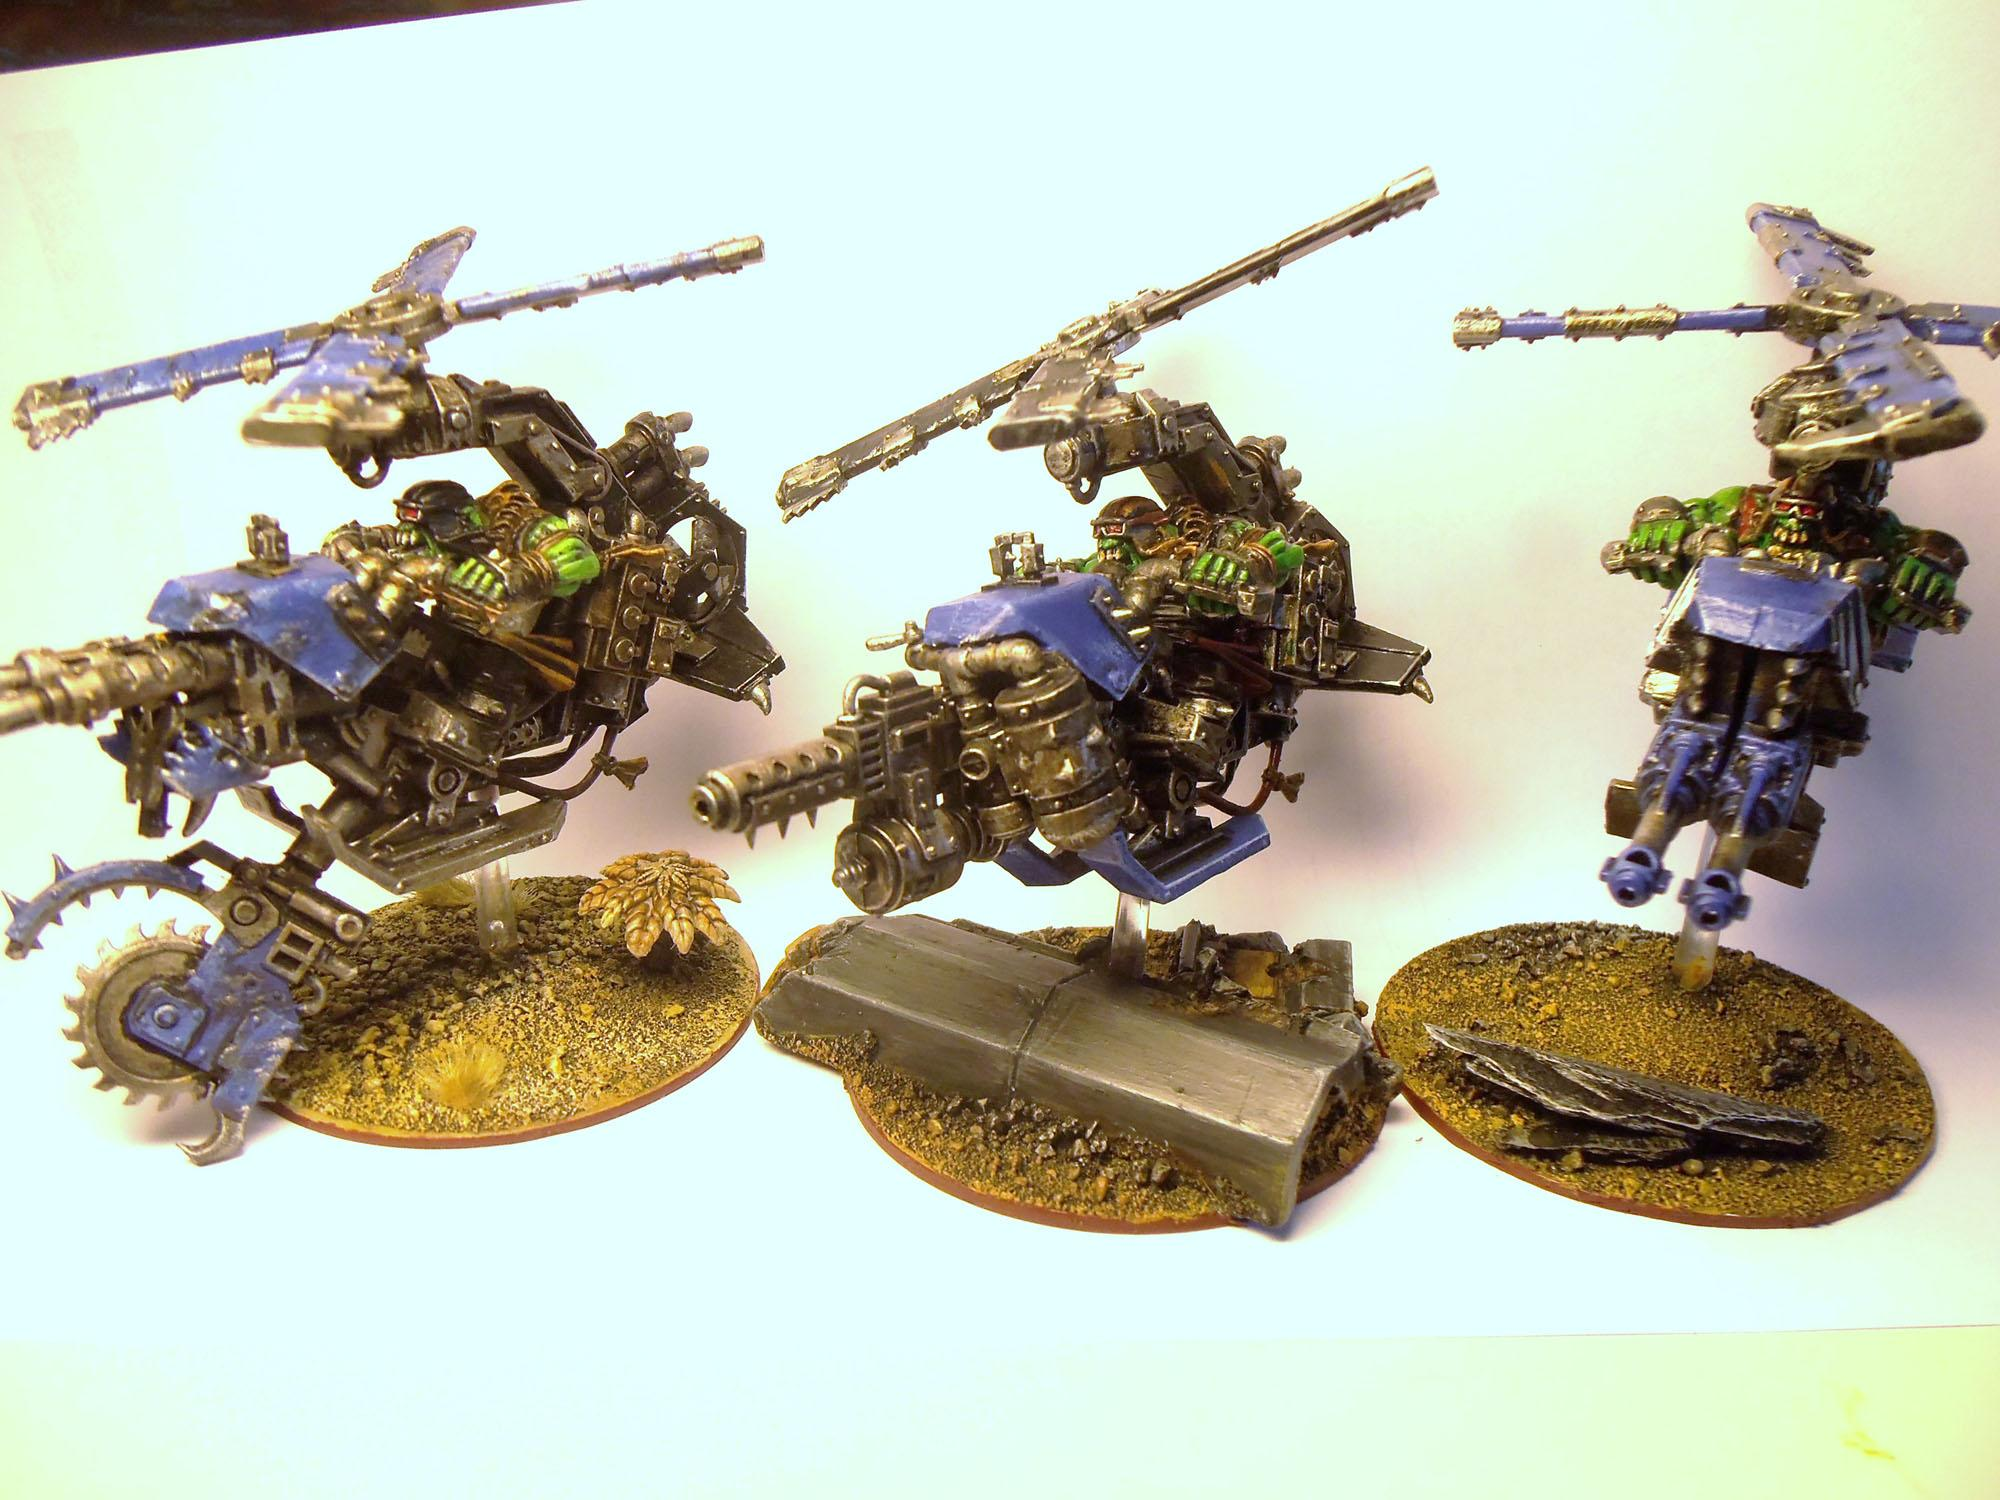 Deathskulls, Killakopta, Orks